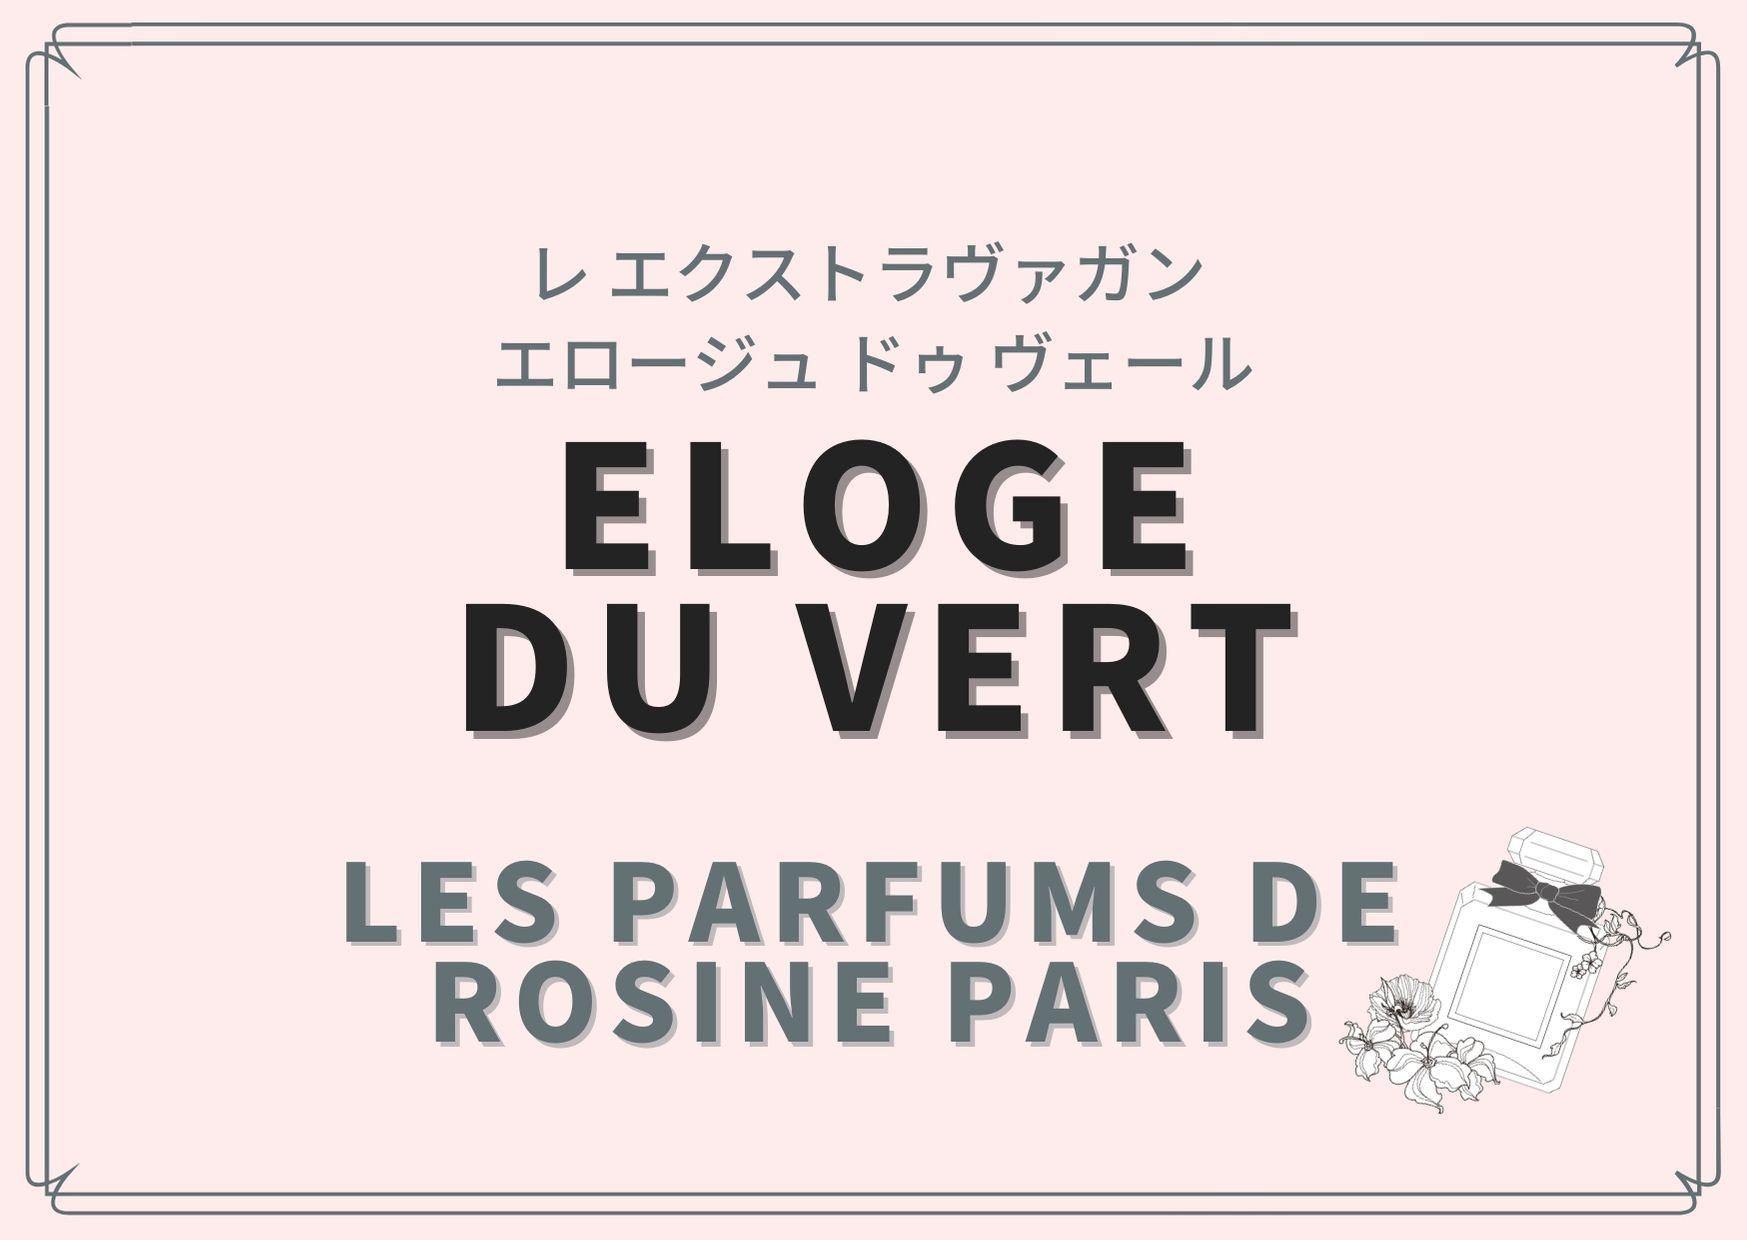 Eloge du Vert(レ エクストラヴァガン エロージュ ドゥ ヴェール)/LES PARFUMS DE ROSINE PARIS(パルファン ロジーヌ パリ)